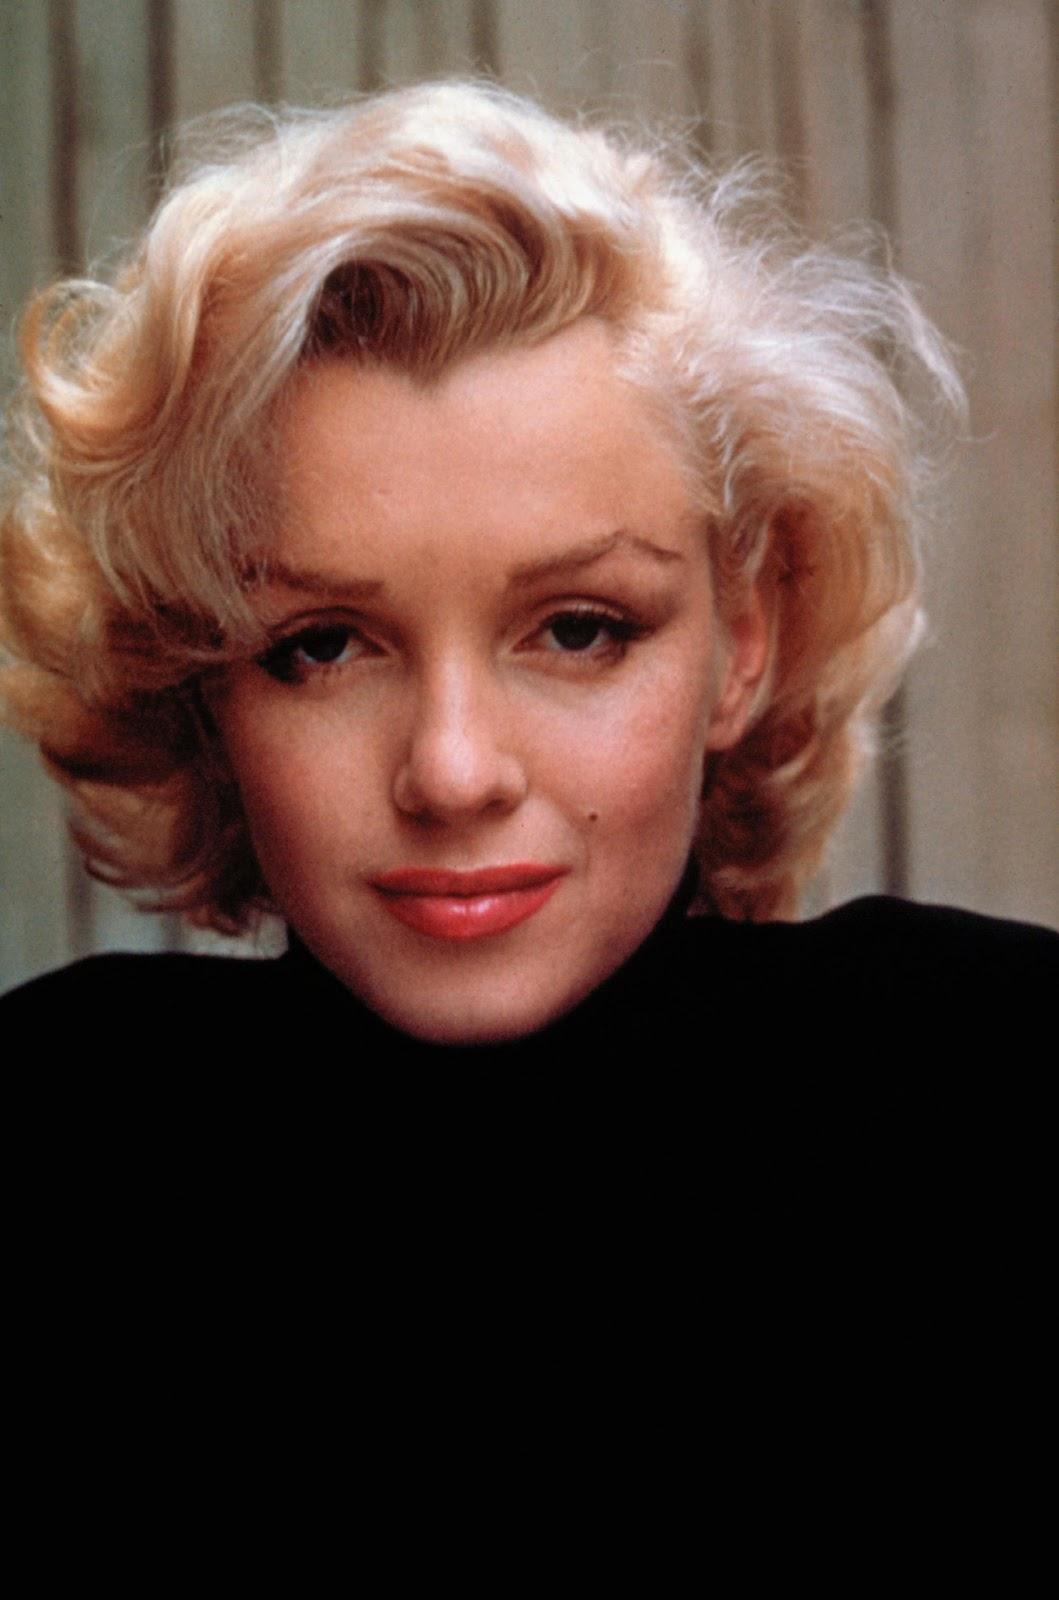 http://3.bp.blogspot.com/-MRId0Qj8Pa4/TwHZxgydKnI/AAAAAAAAsDU/3fievubU2Nw/s1600/Marilyn-Monroe-1291.jpg